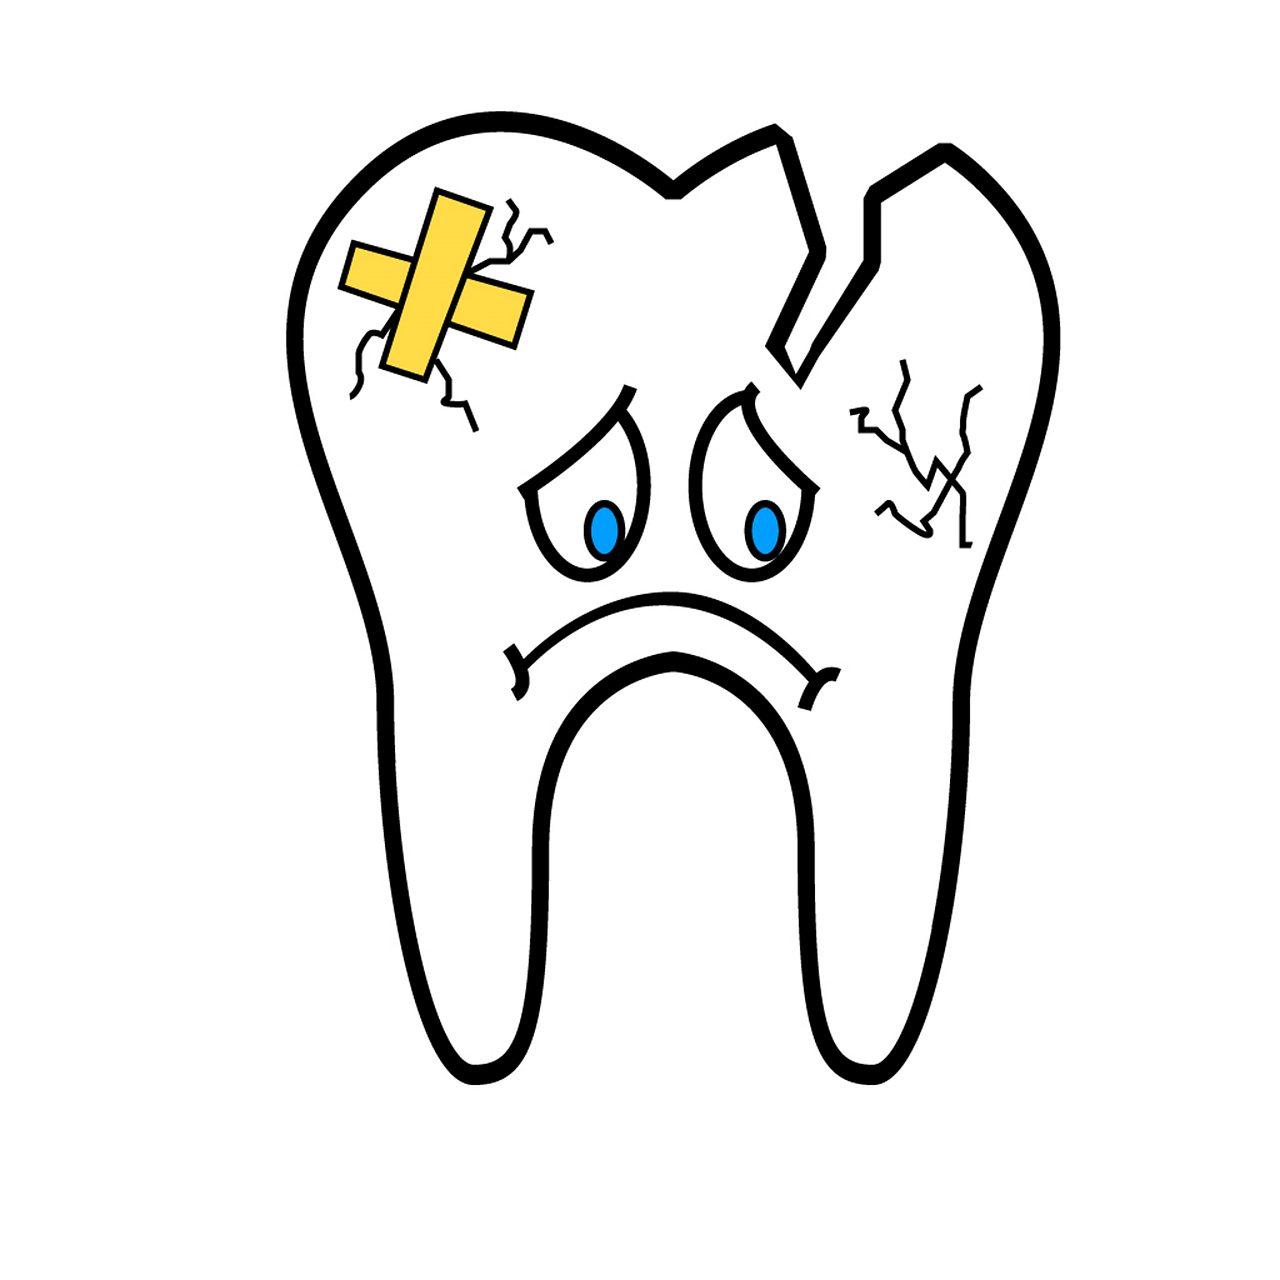 Beekman P H J en Beekman R J tandarts